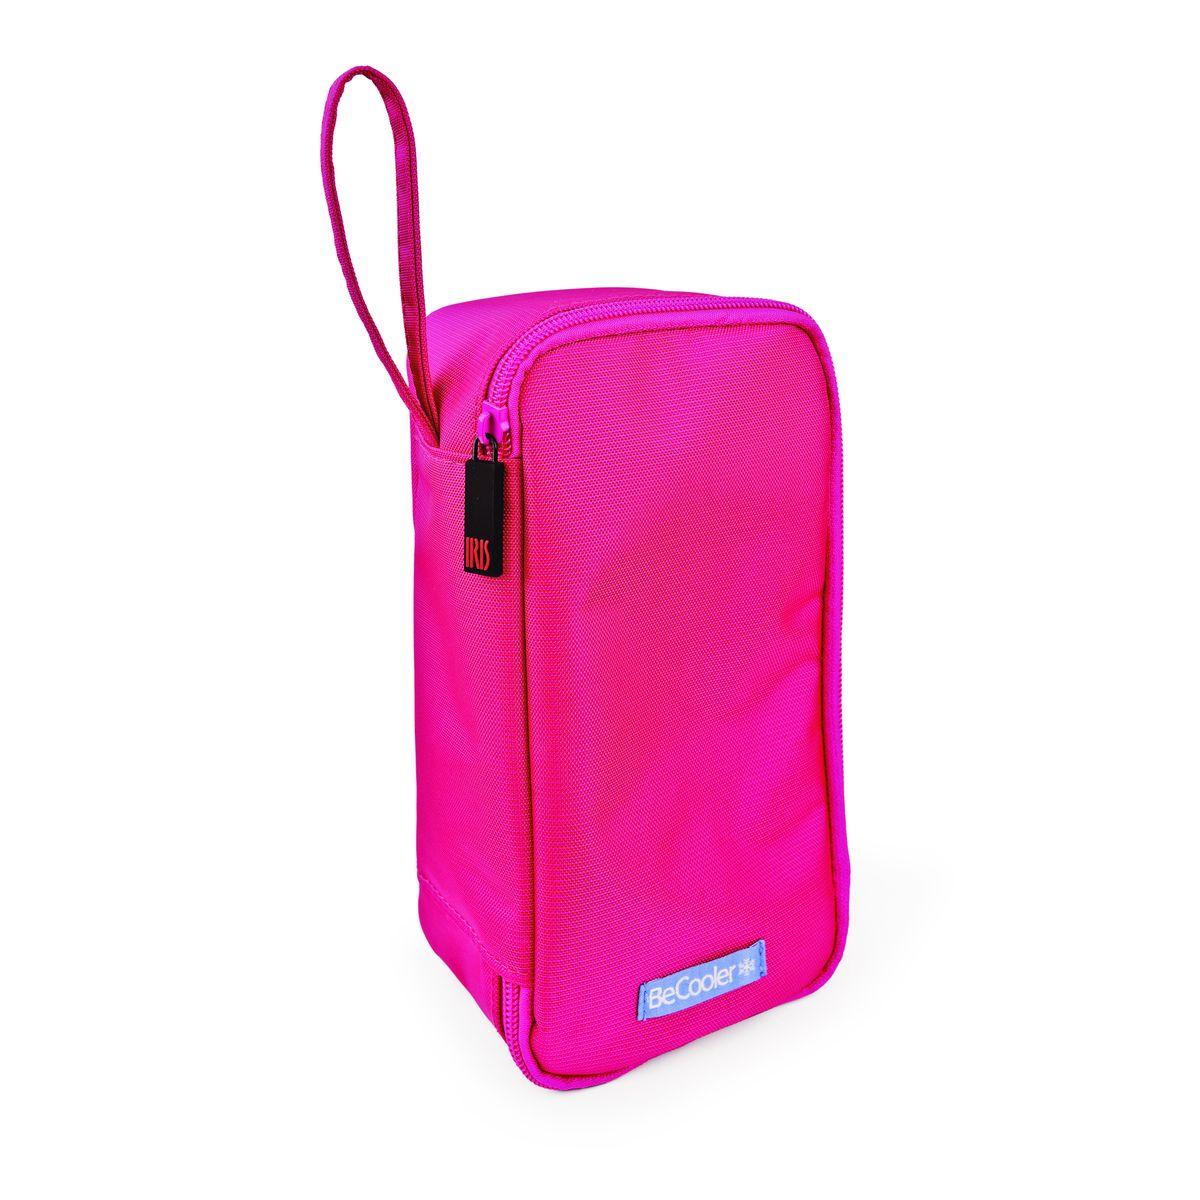 Термосумка для ланч-бокса Iris Nano Cooler. MyLunchbag, цвет: розовый,21 x 11 x 7 смI9700-TXТермосумка для ланч-бокса Nano Cooler. MyLunchbag отлично сохраняет свежесть и вкус продукта на несколько часов. Она выполнена из полиэстера.Пригодится везде: на прогулке, на работе, учебе и т.д. Она проста в использовании, с ней легко справится даже ребенок.Рекомендуется регулярно стирать вручную в теплой воде с мылом.